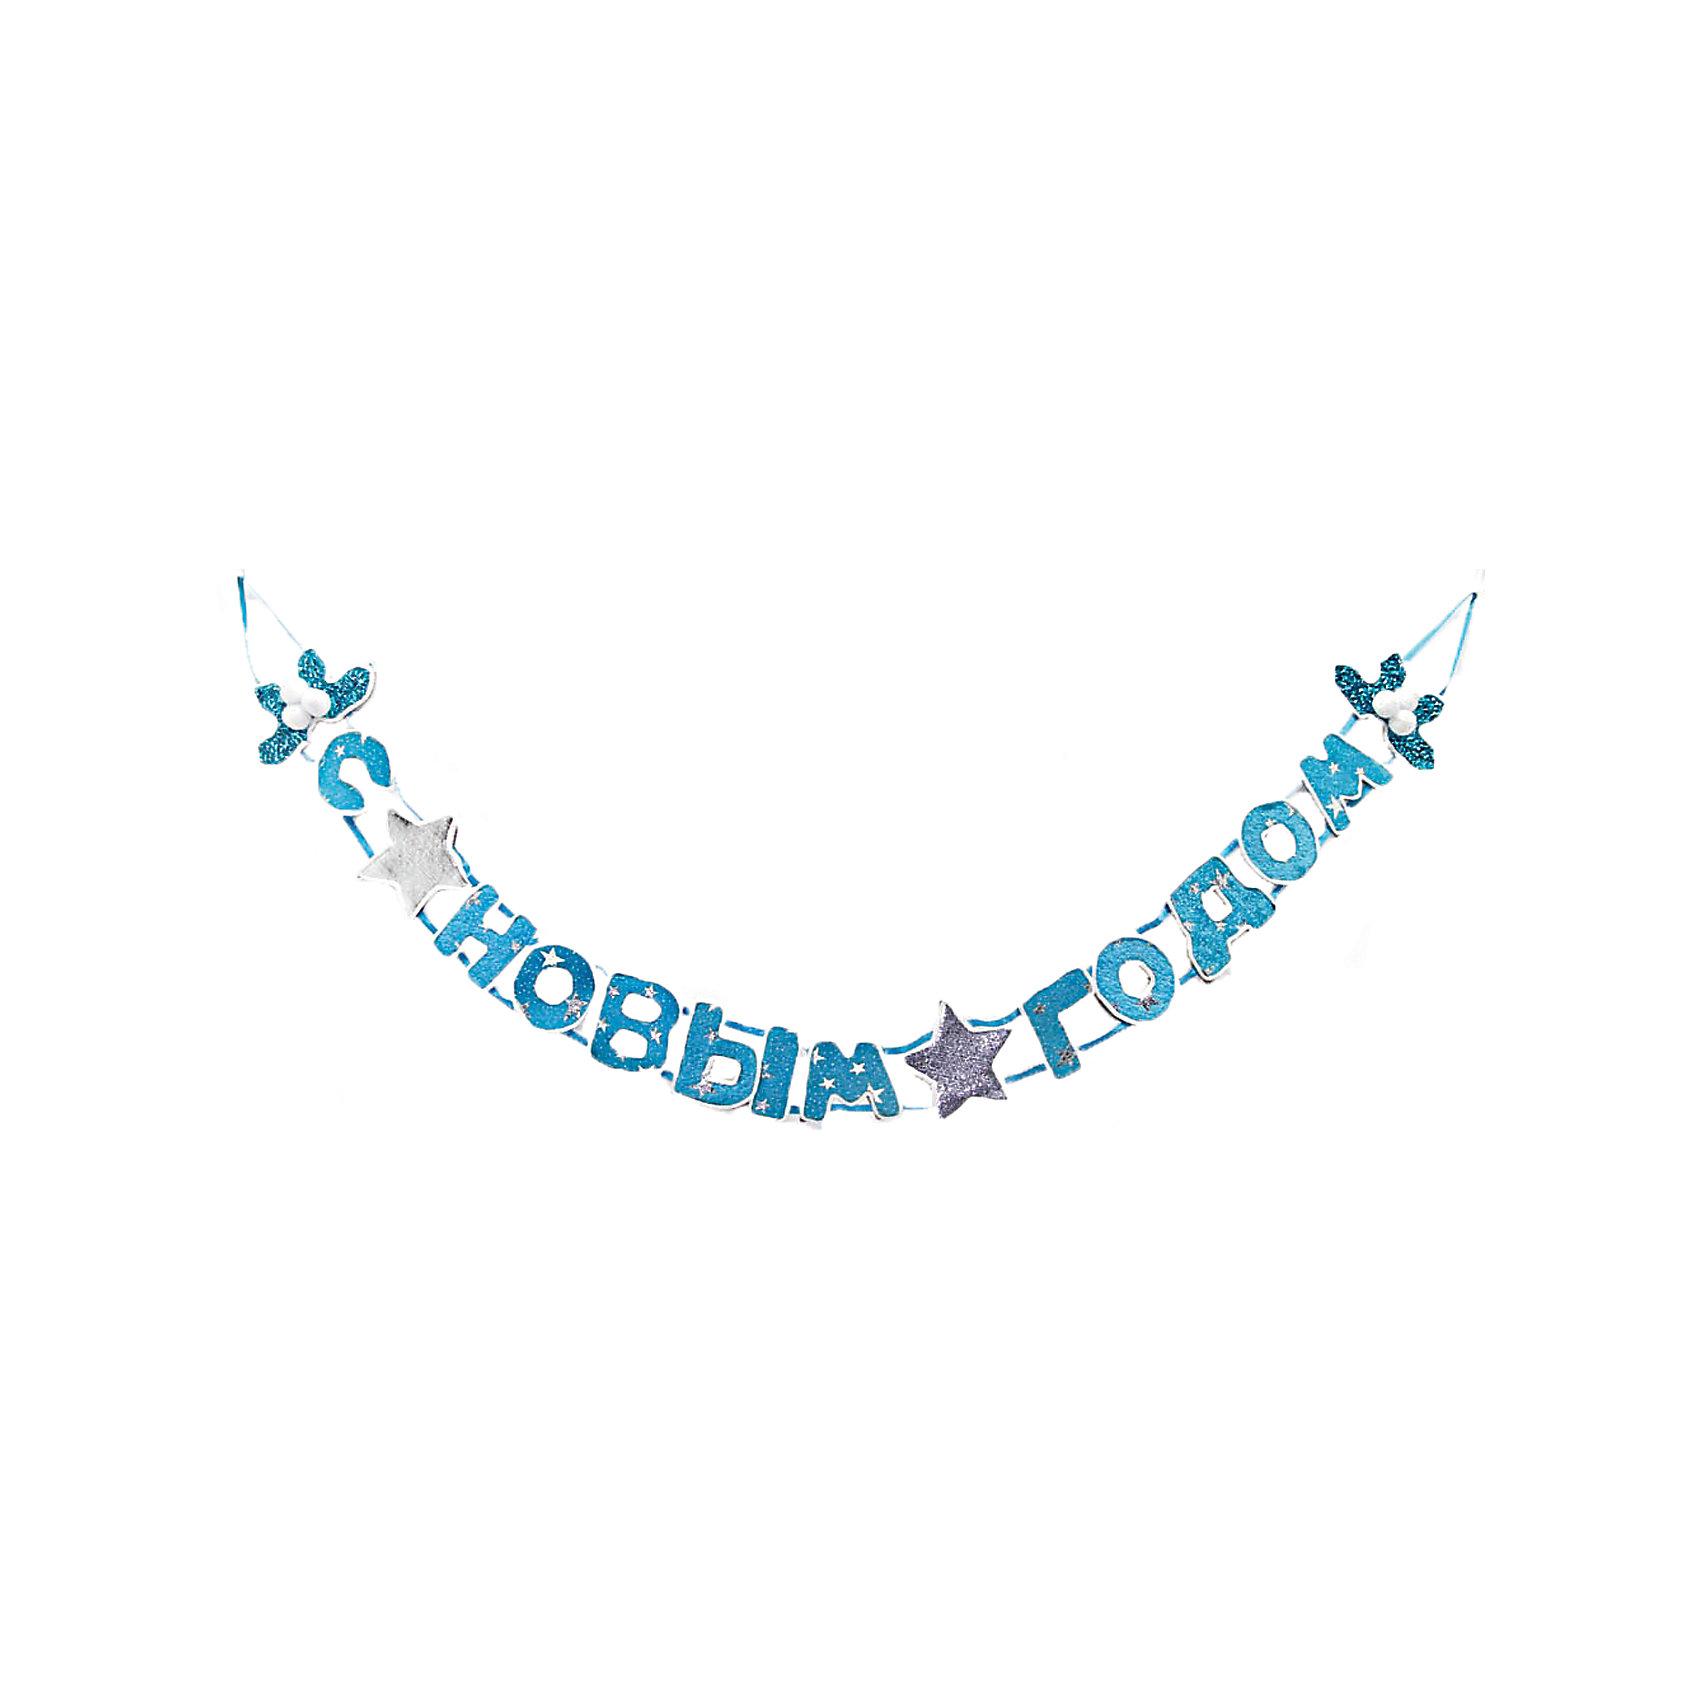 Растяжка С новым годом! 71 см, голубой цветВсё для праздника<br>Растяжка «С Новым годом!» голубого цвета предназначена для оформления различных помещений. Растяжку можно повесить и в офисе, и дома, и в школе, и в детском садике. <br> Длина растяжки - 71 см.<br><br>Ширина мм: 710<br>Глубина мм: 10<br>Высота мм: 40<br>Вес г: 25<br>Возраст от месяцев: 36<br>Возраст до месяцев: 420<br>Пол: Унисекс<br>Возраст: Детский<br>SKU: 5078466